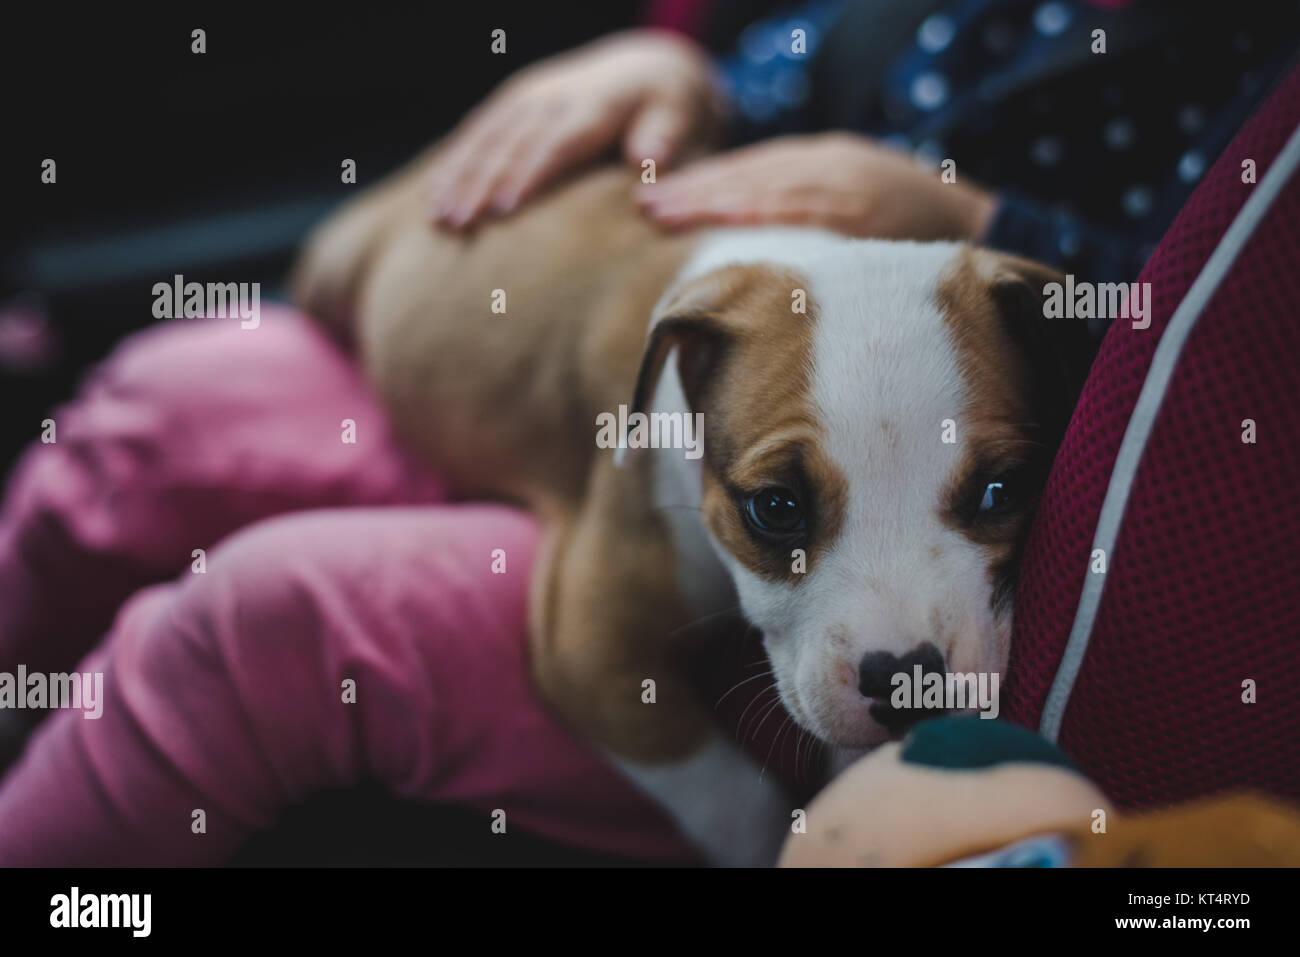 Un bimbo tenendo un nuovo cucciolo. Immagini Stock